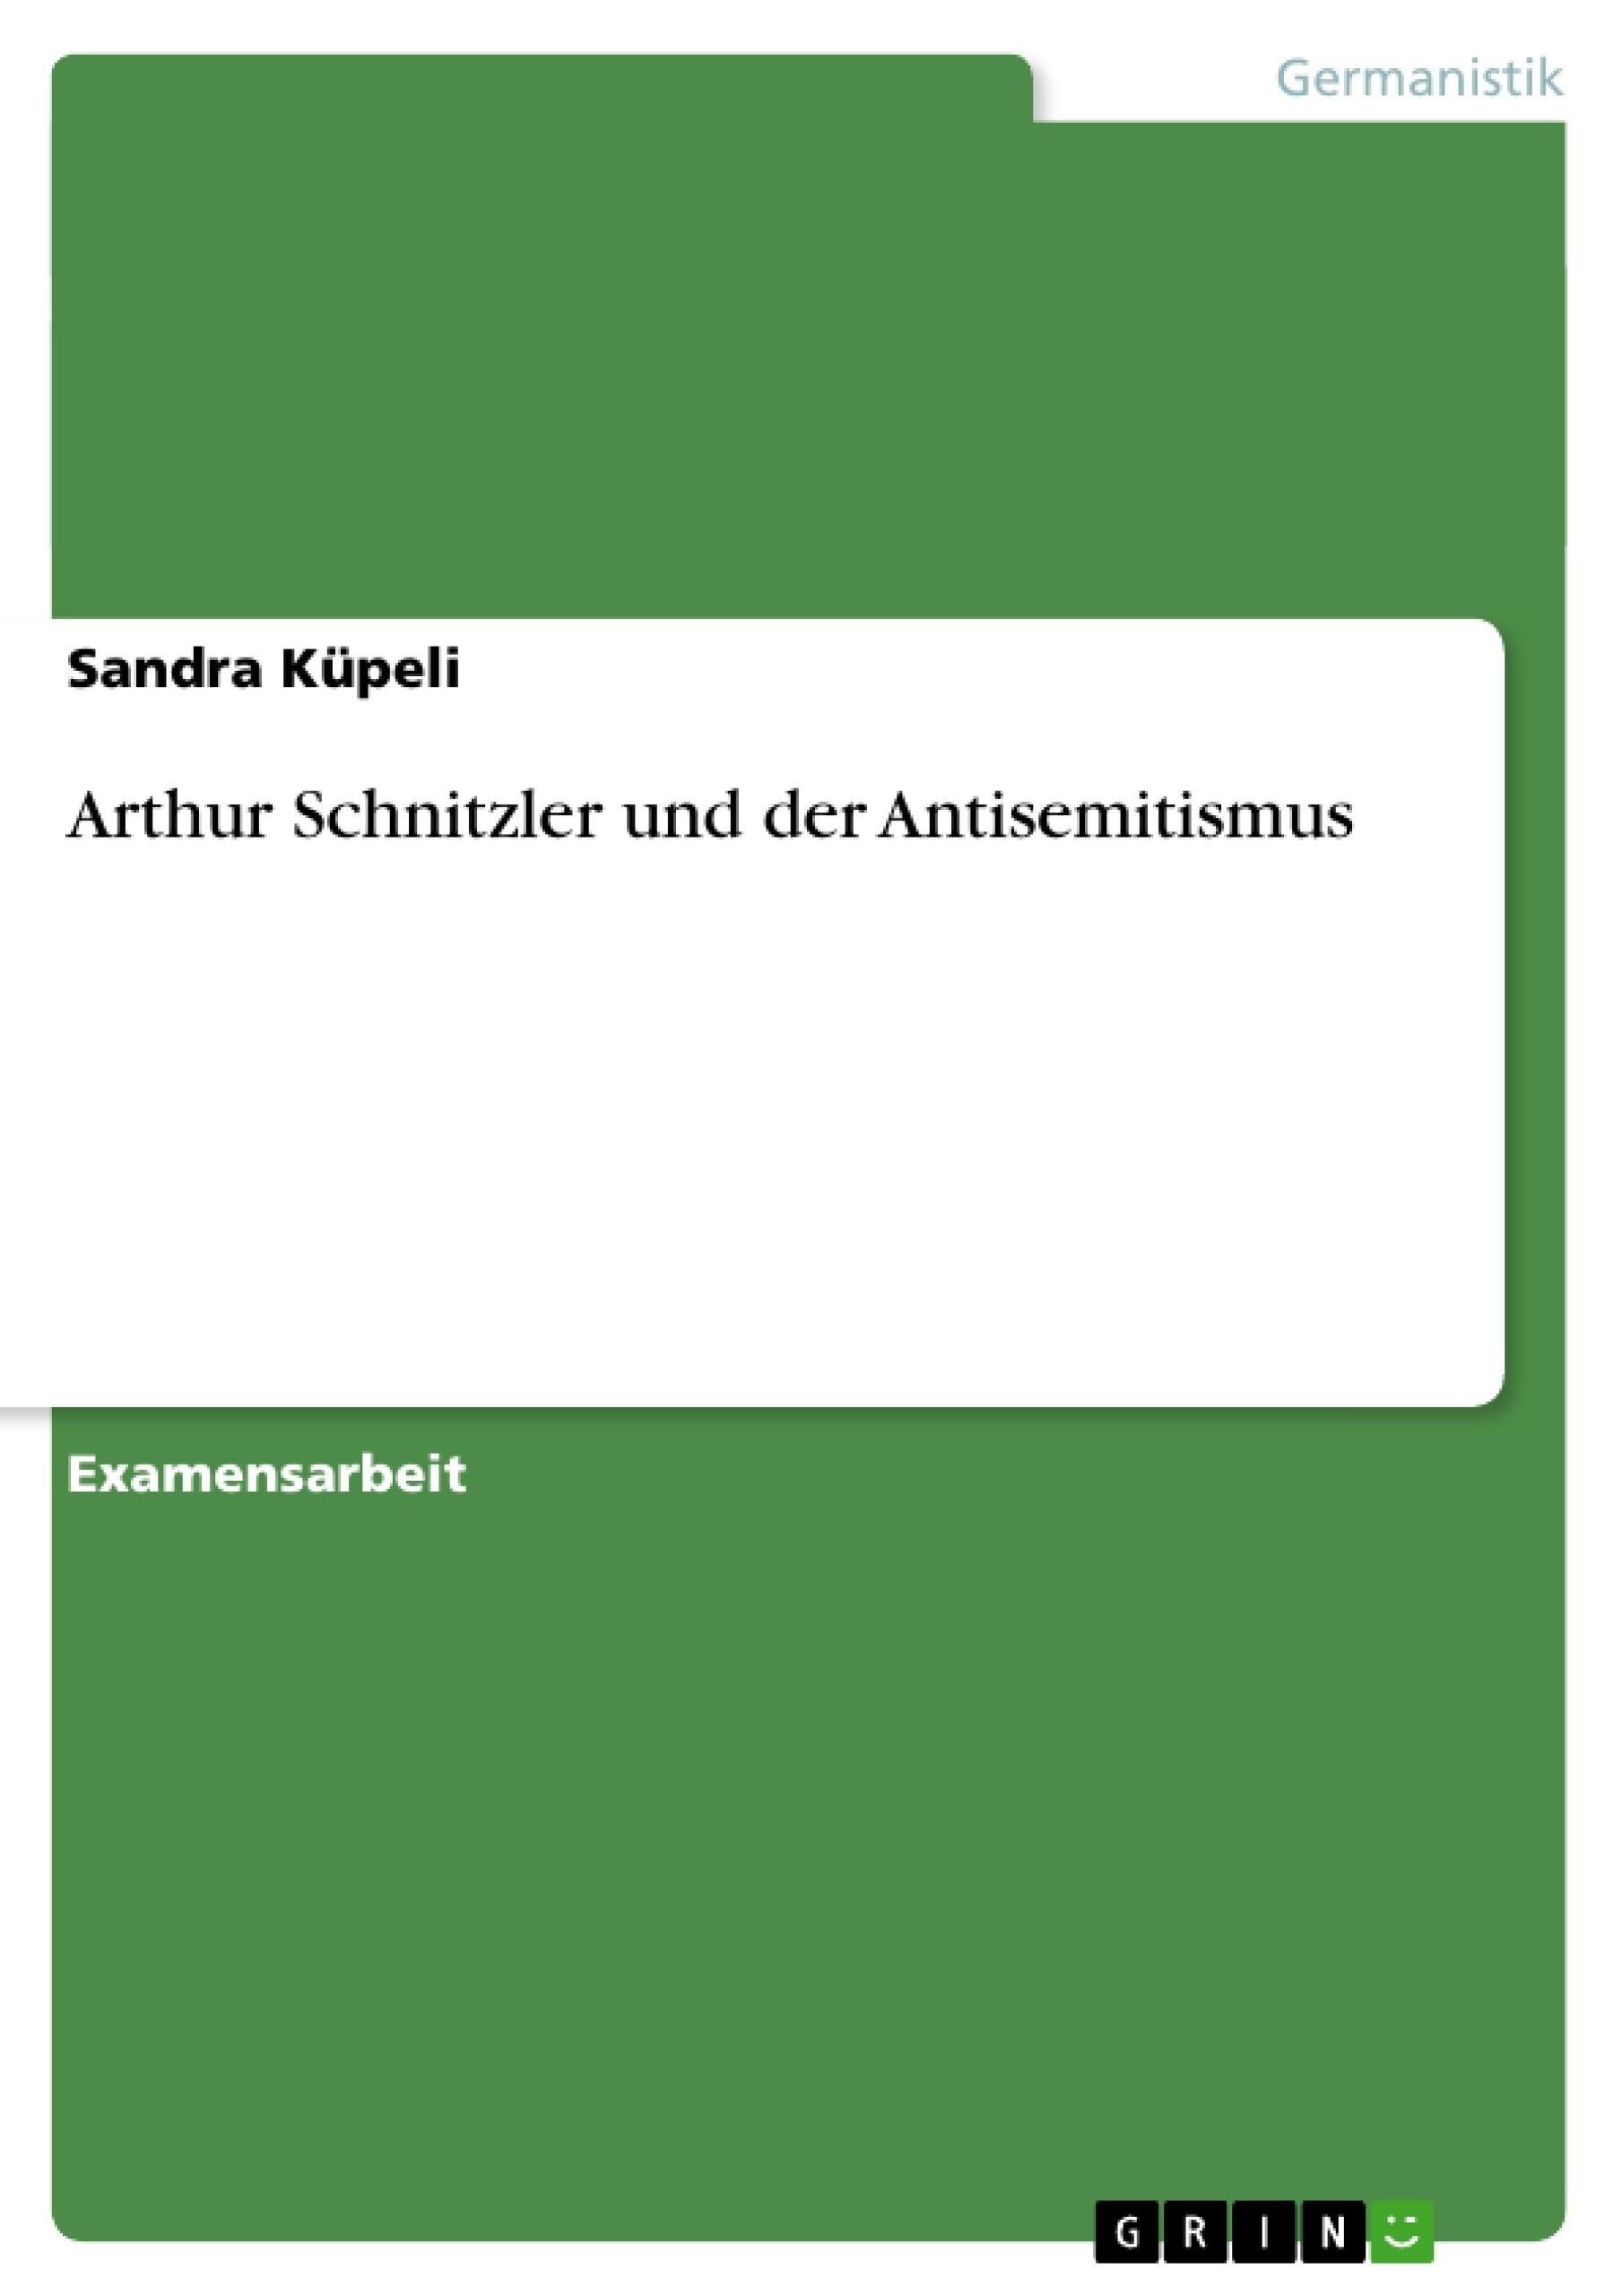 Titel: Arthur Schnitzler und der Antisemitismus